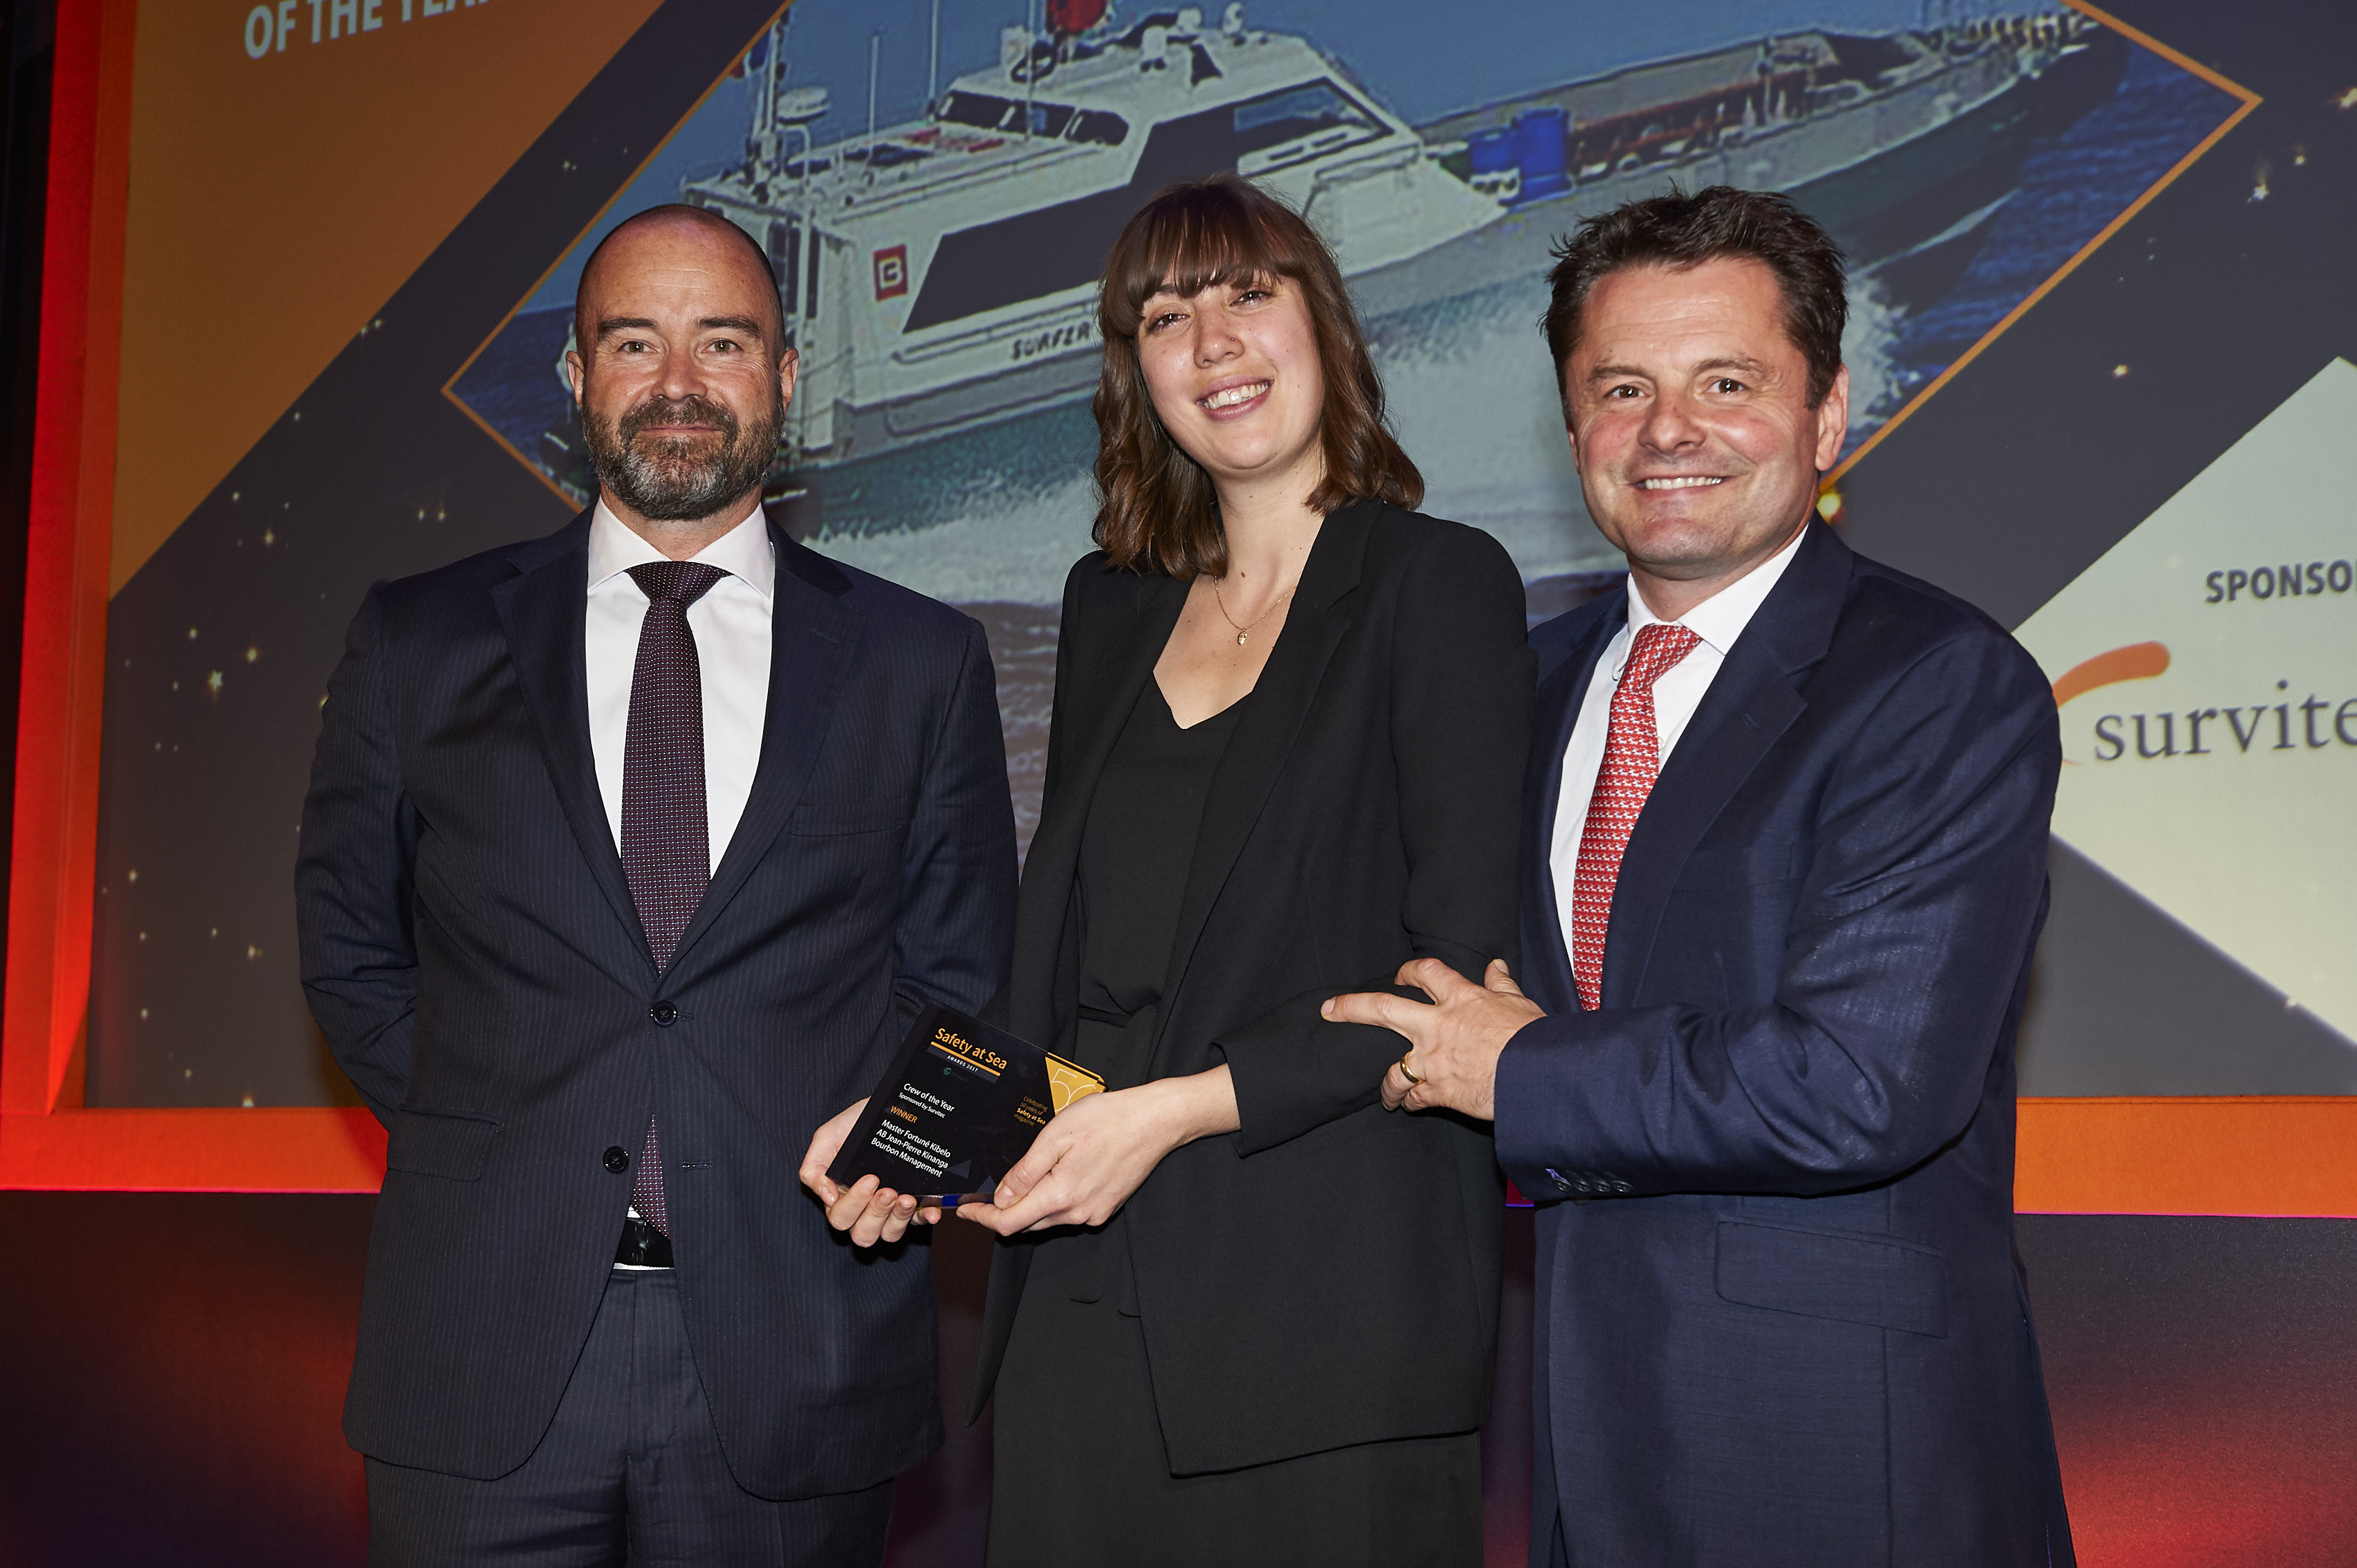 Safety at Sea Awards 2017